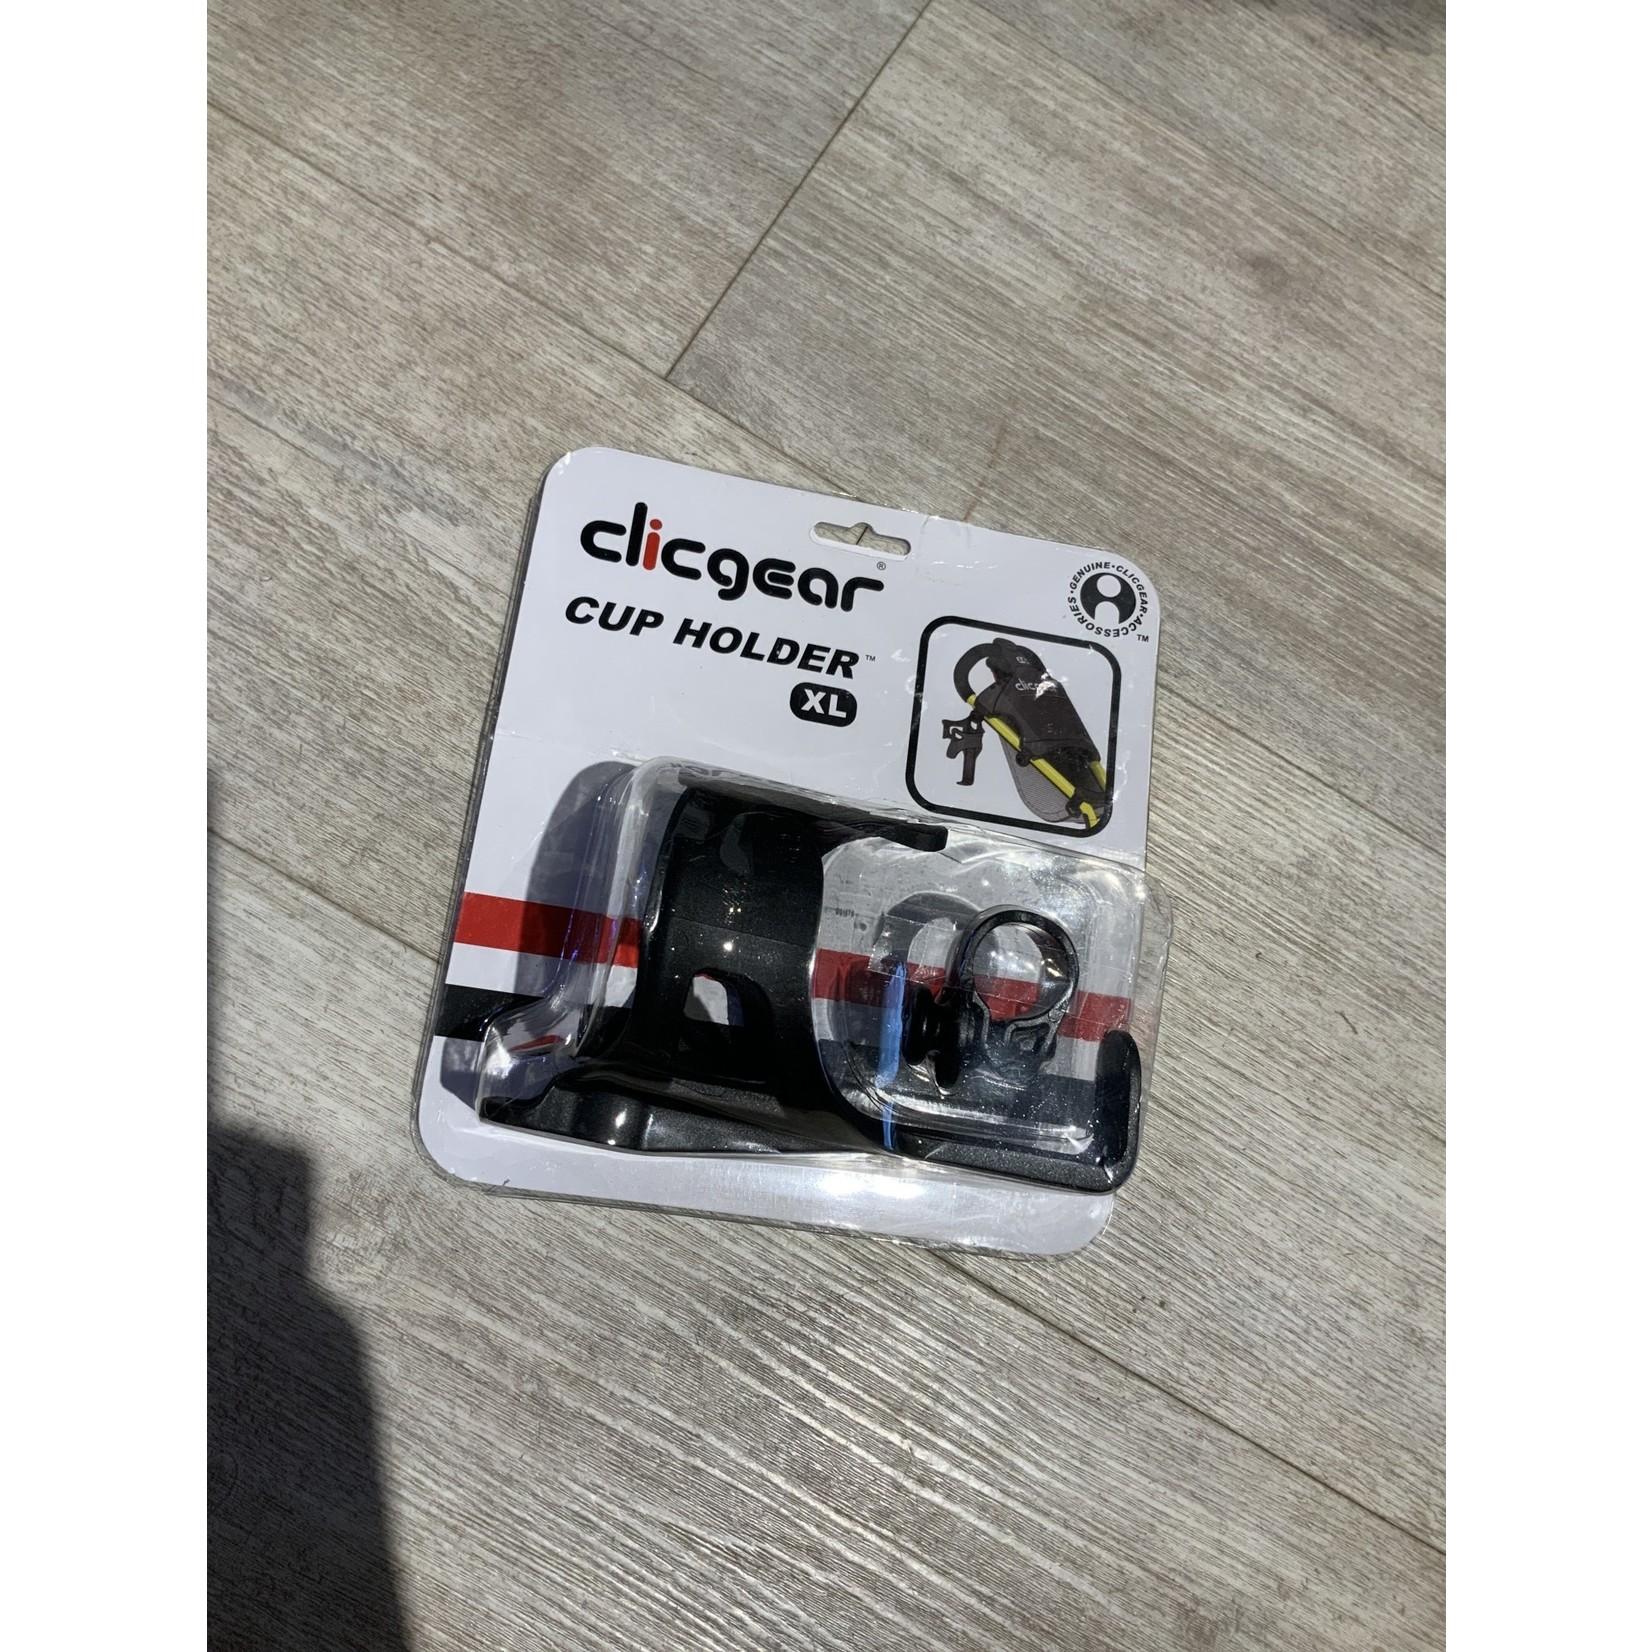 ClicGear ClicGear Cup Holder XL